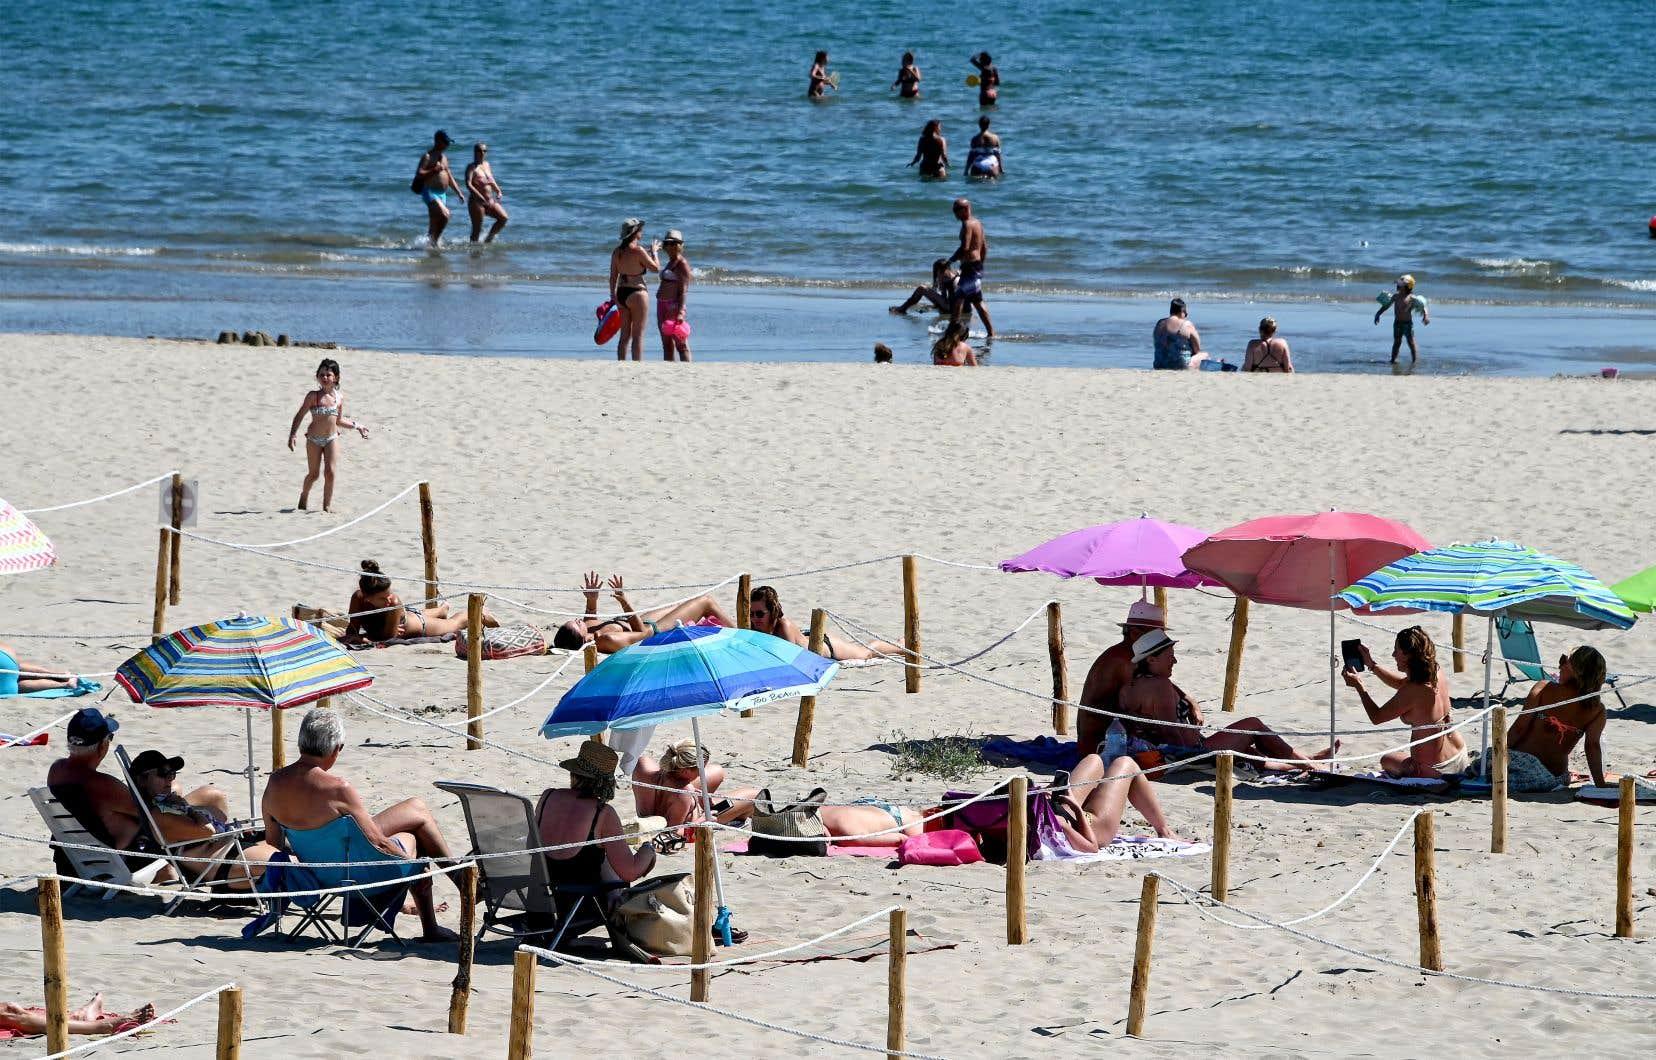 L'accès aux plages a été rouvert en France après plusieurs semaines de confinement, permettant à certains de se rafraîchir.